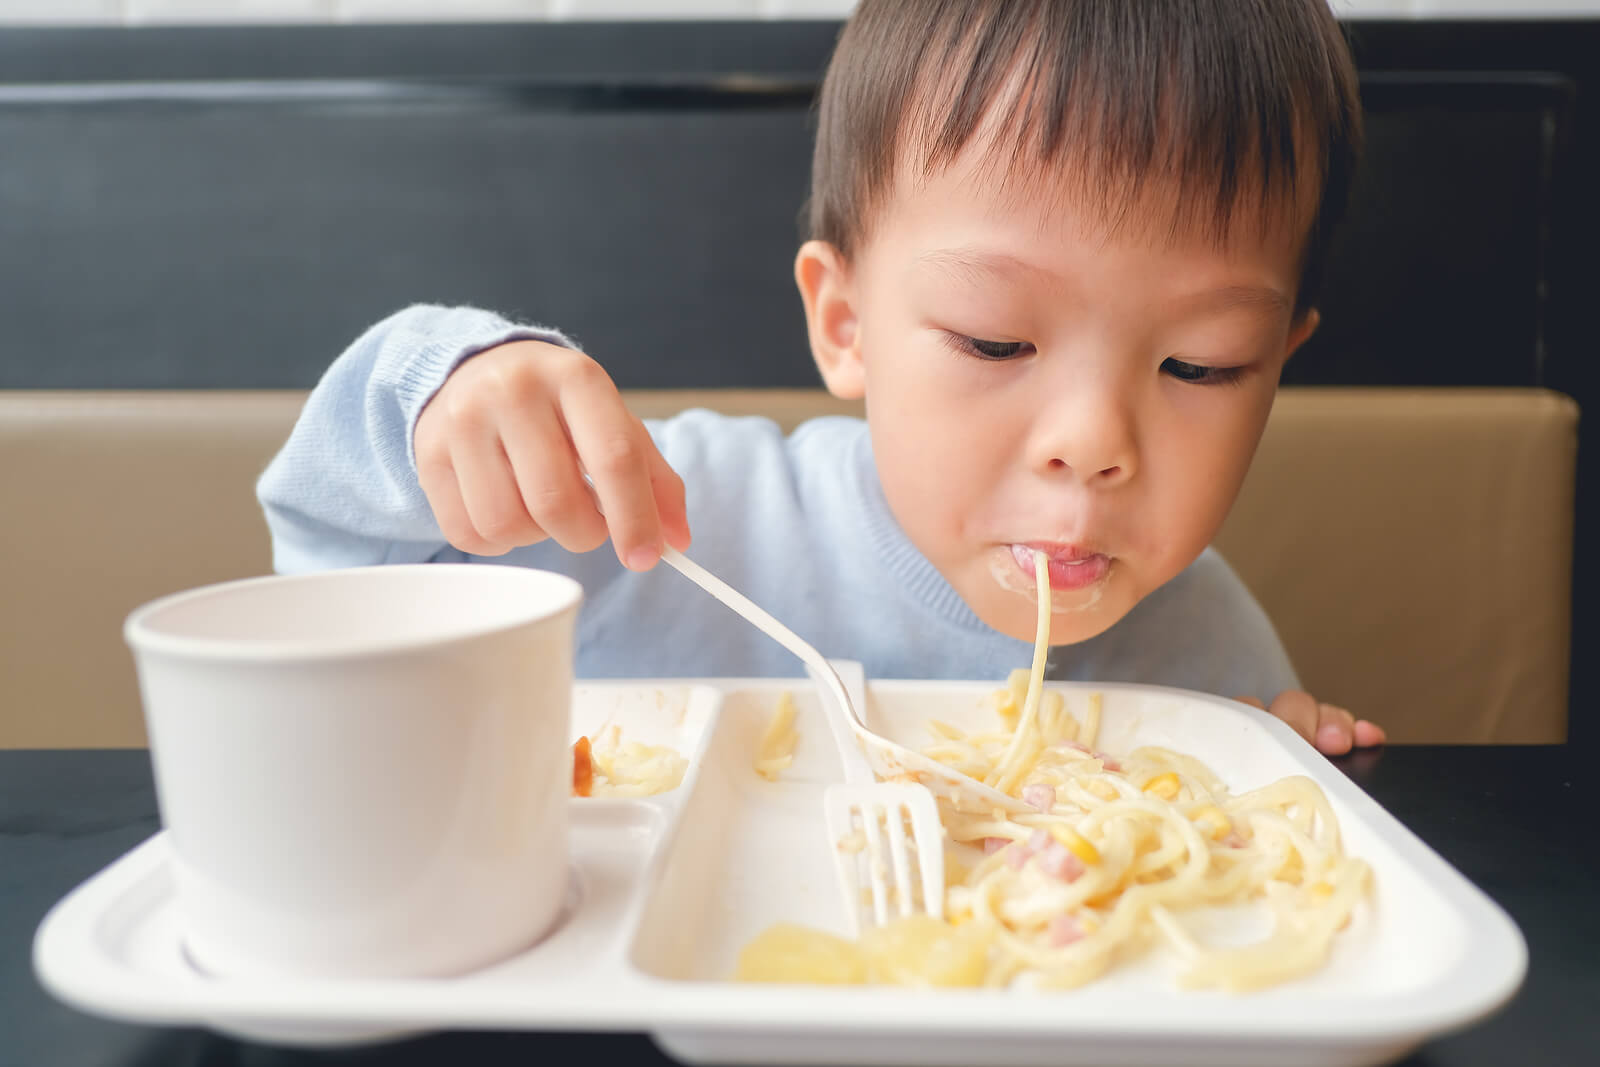 Niño comiendo pasta carbonara incluida en su menú infantil.